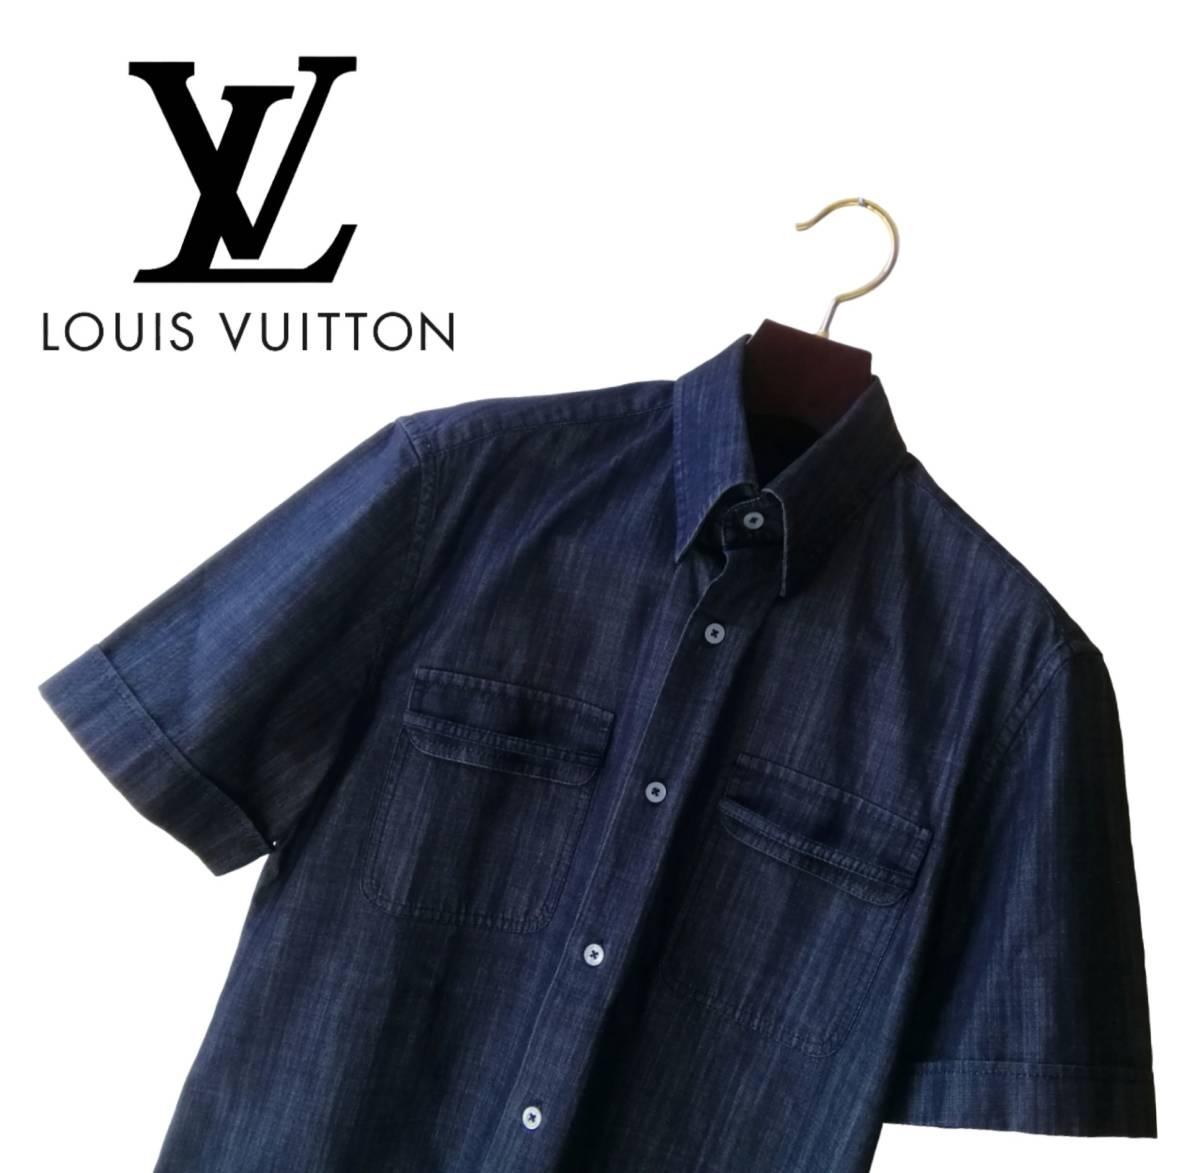 希少・レア品 ◆ LOUIS VUITTON ◆ ルイヴィトン ◆ ブラック 半袖 デニム シャツ 38 黒 M~Lサイズ相当 メンズ イタリア製 LVロゴ刺繍 _画像8